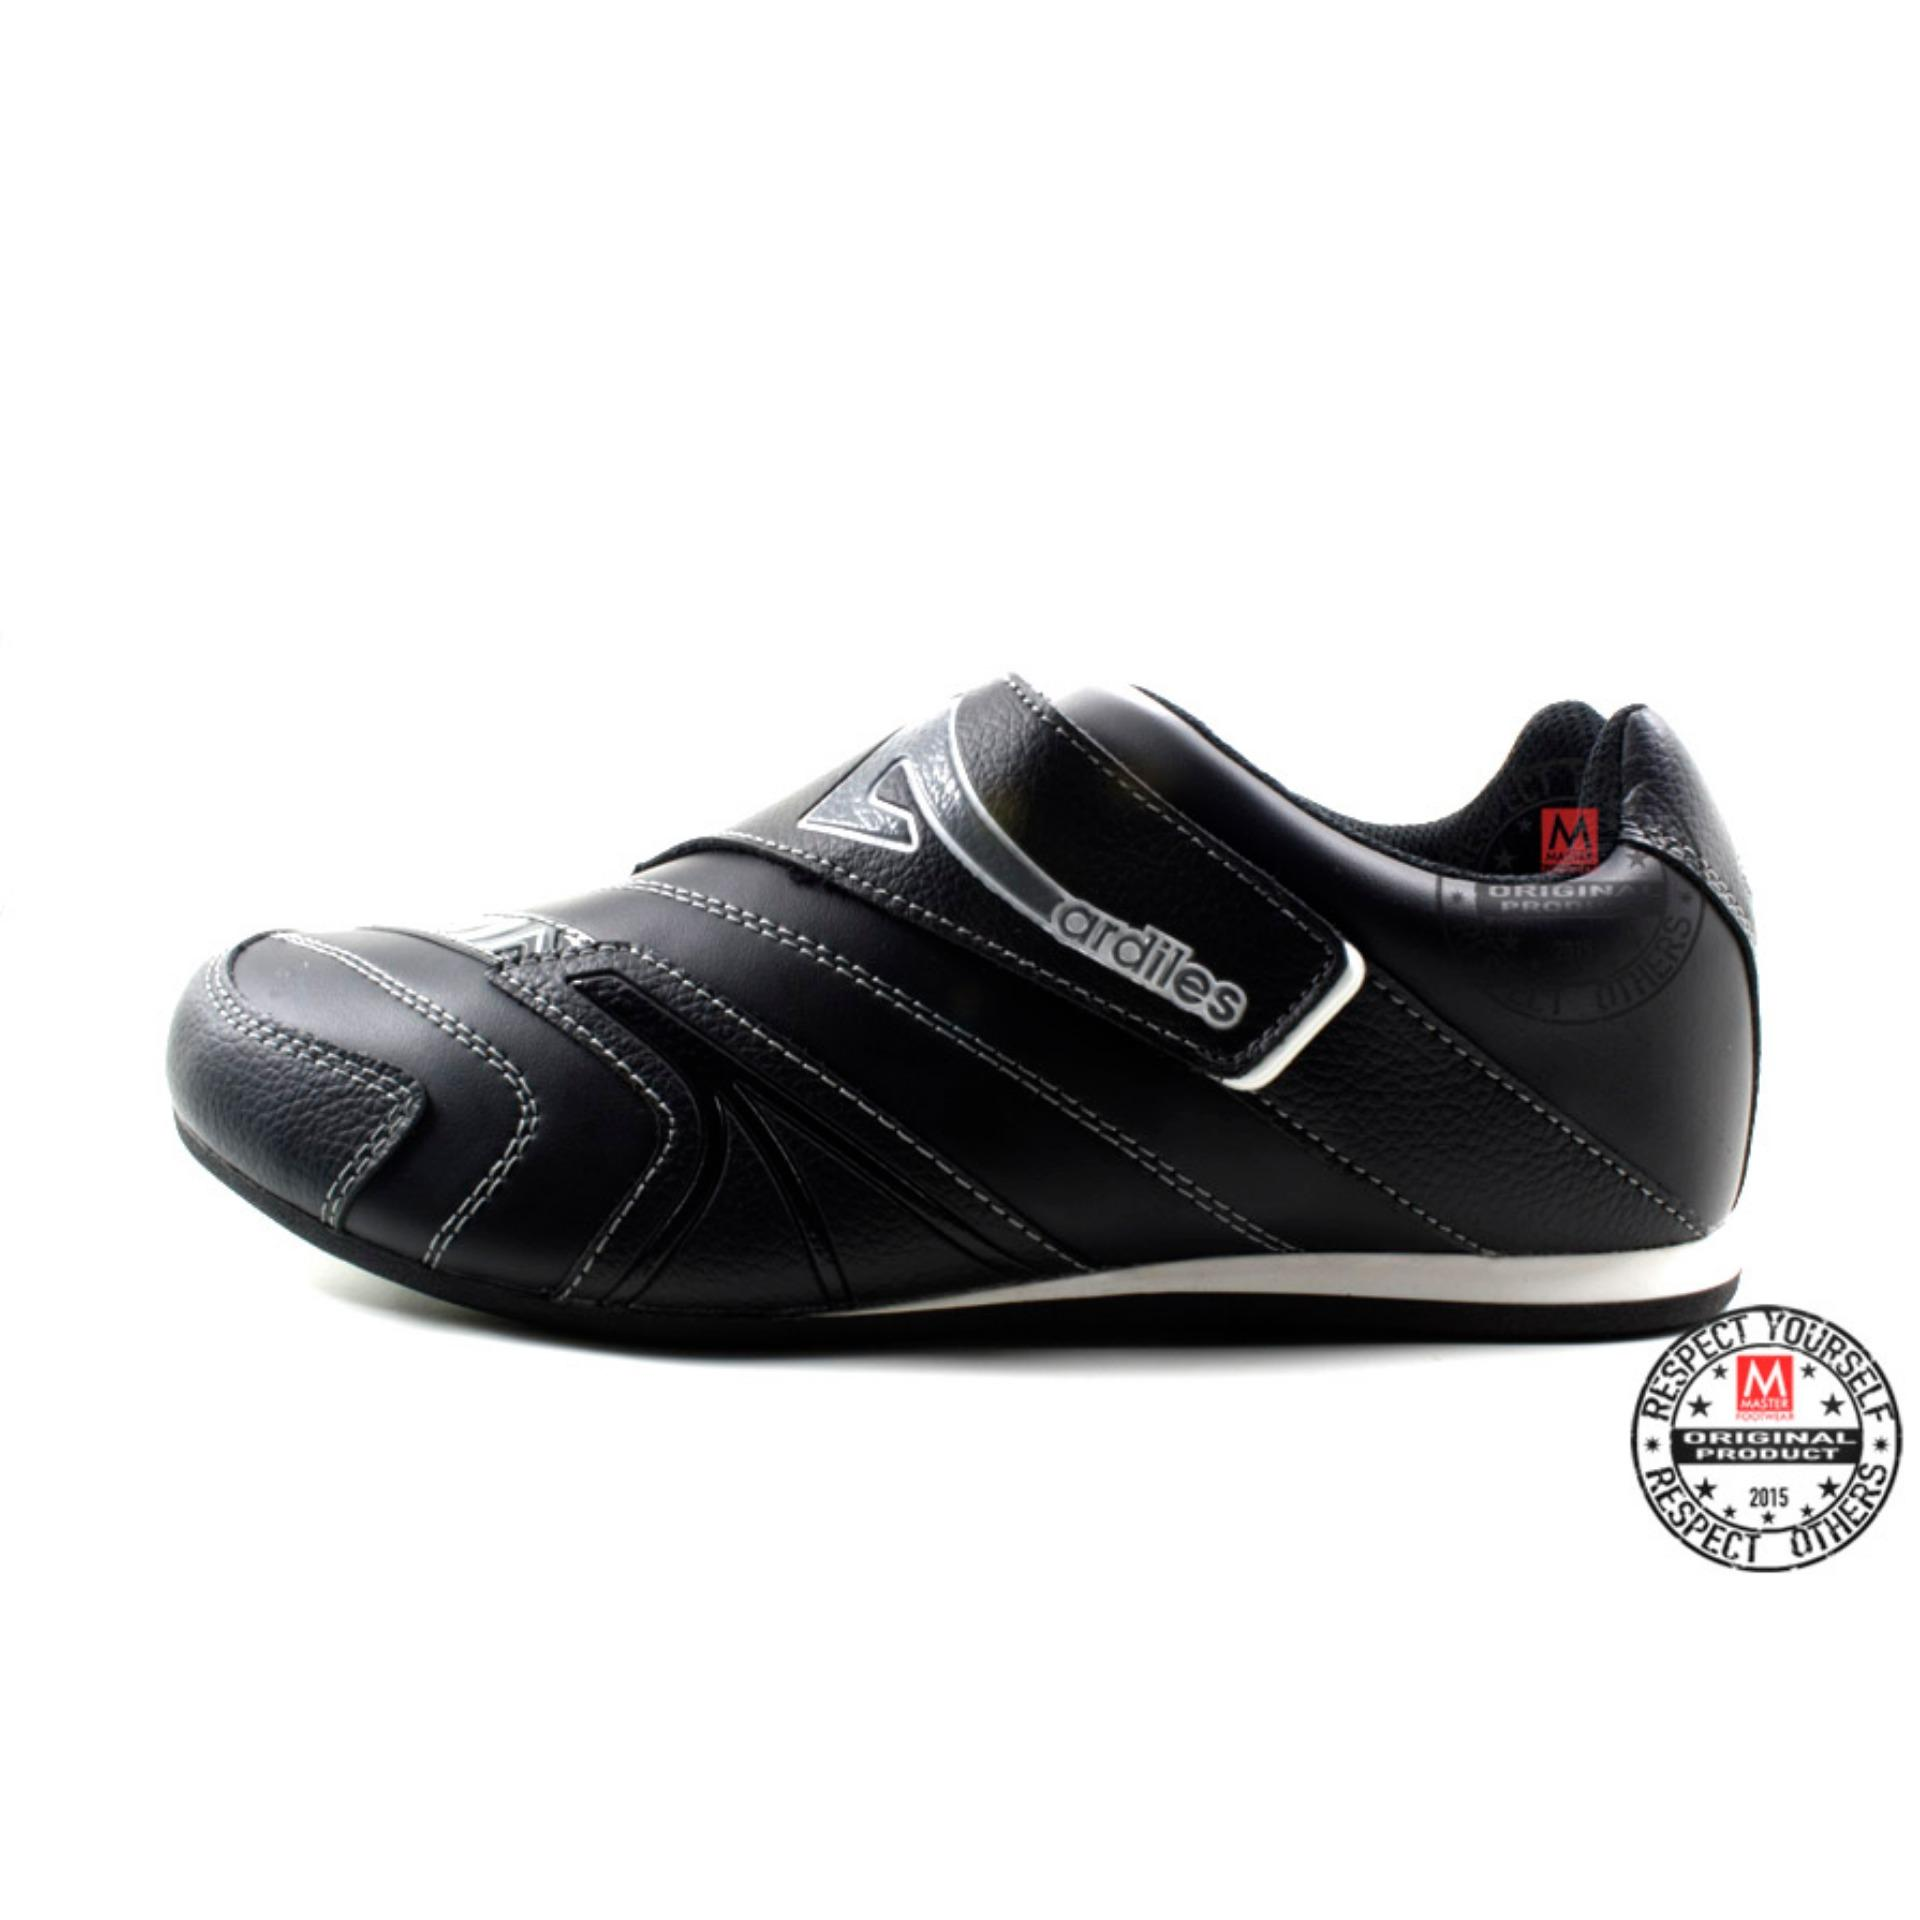 Ardiles Sepatu Anak Lampu Eboy Black Daftar Harga Terbaru Dan Terlengkap Indonesia Sneaker Ninja White